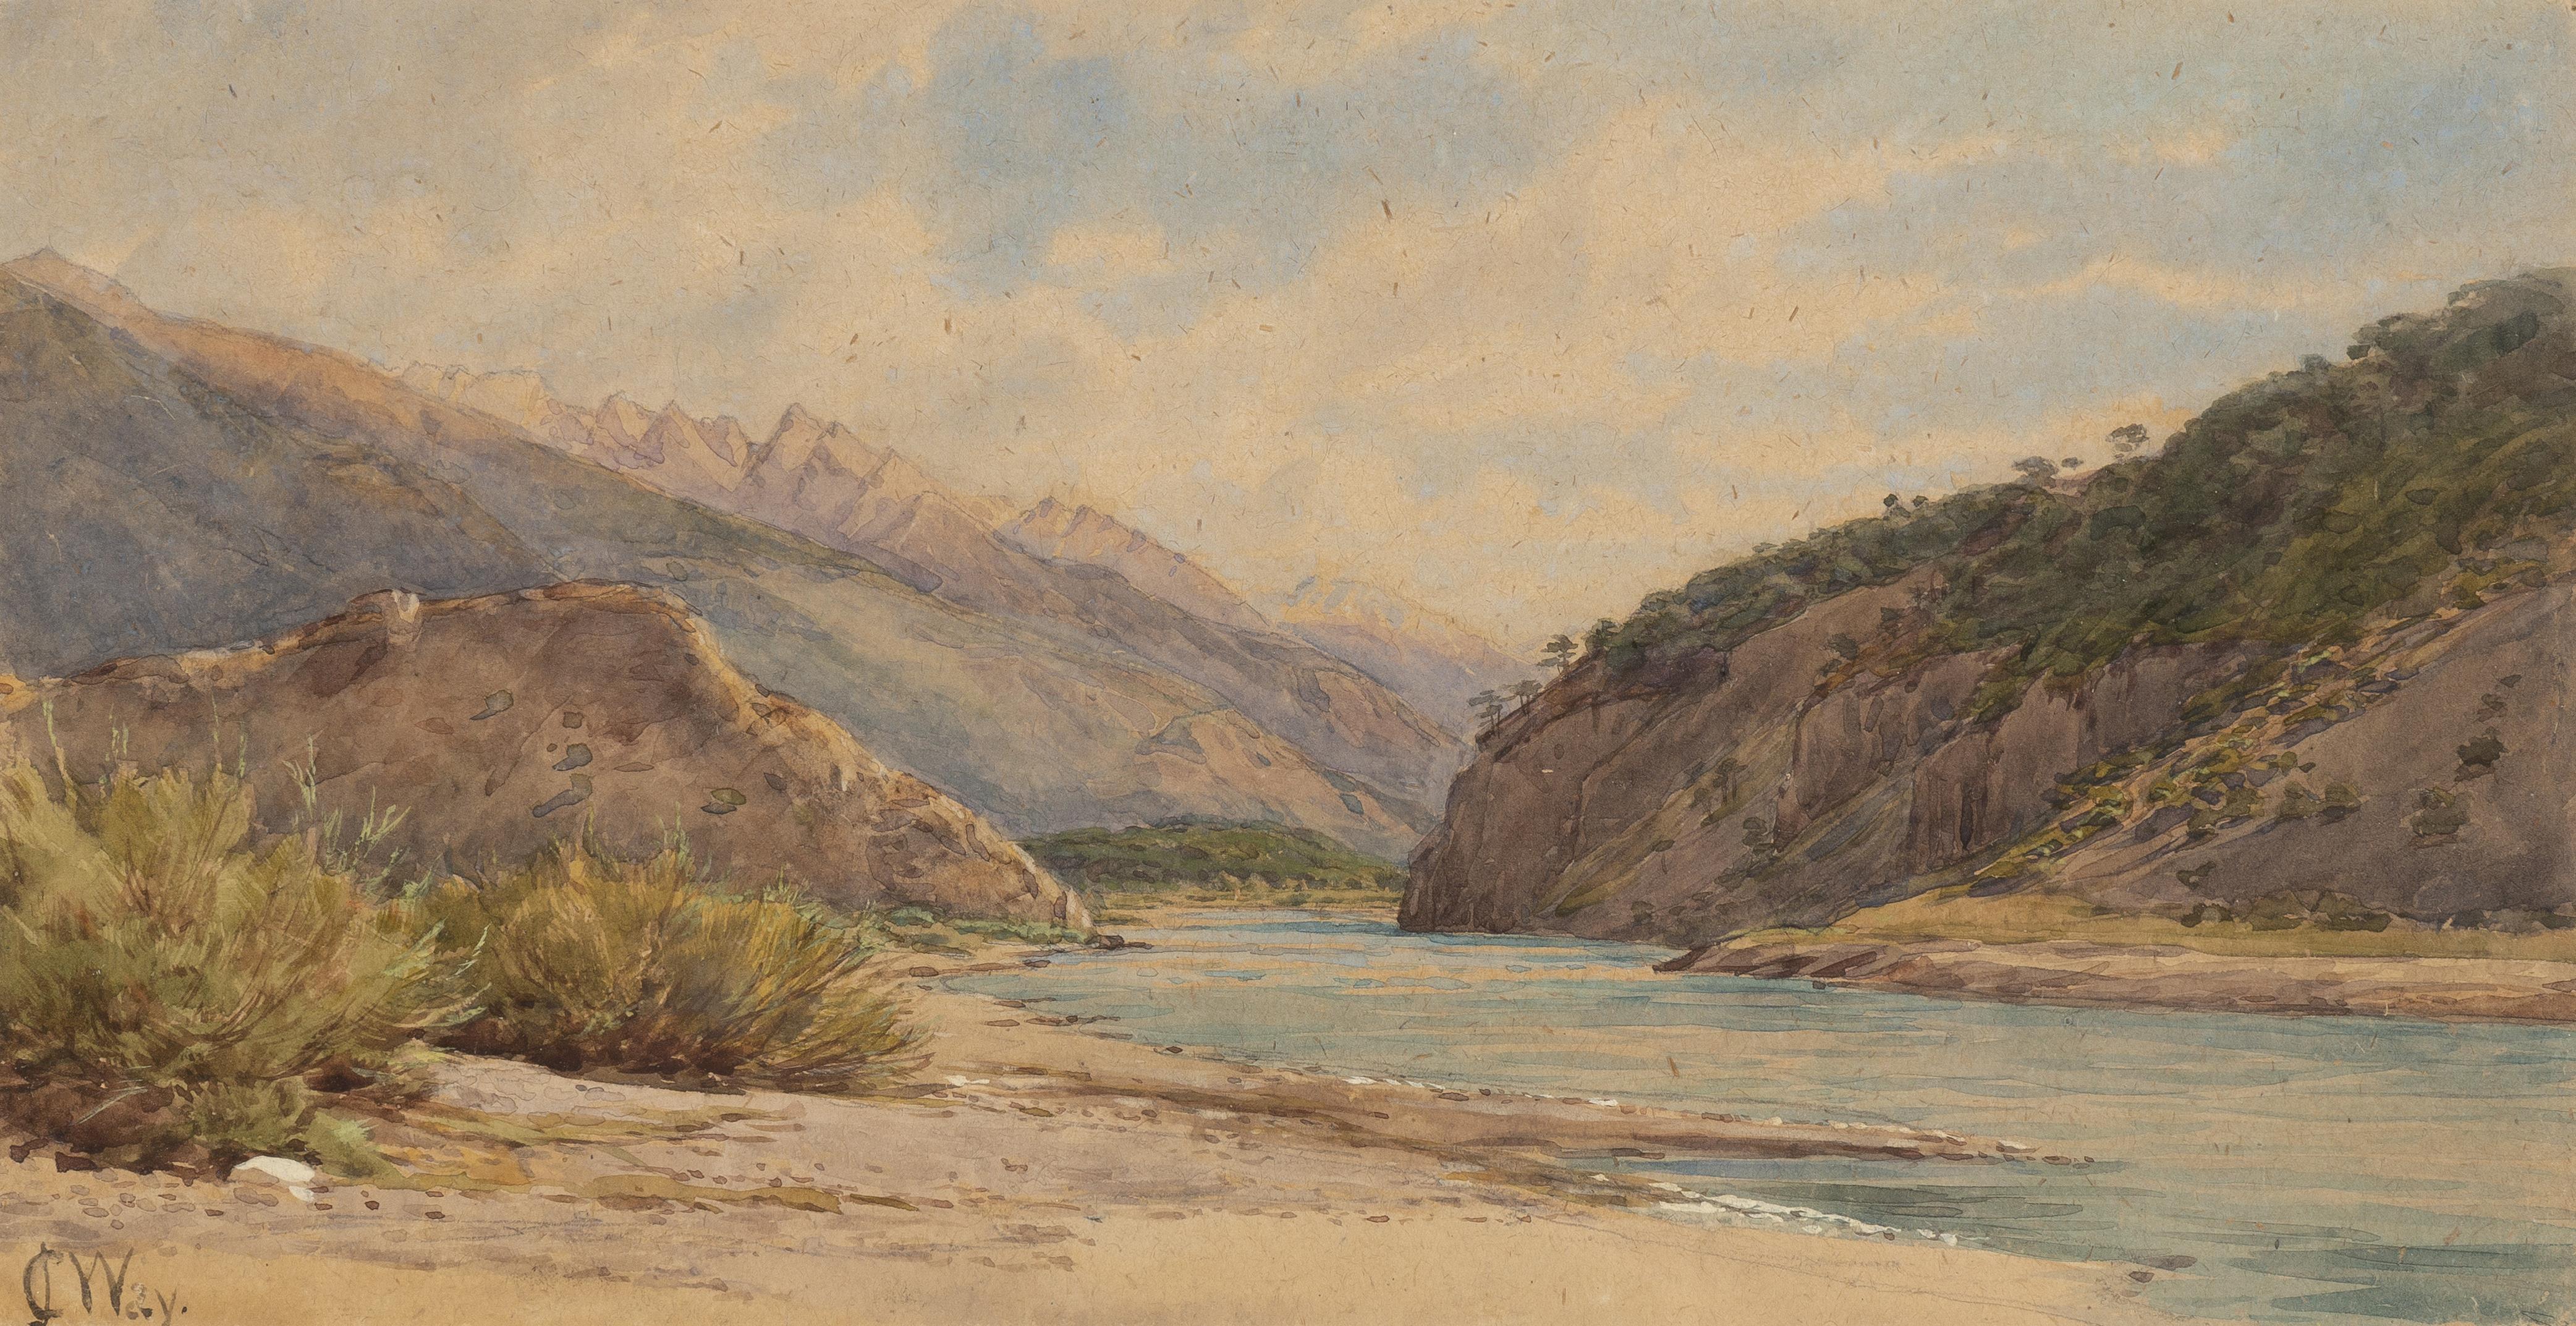 Charles John Way (1834-1919),